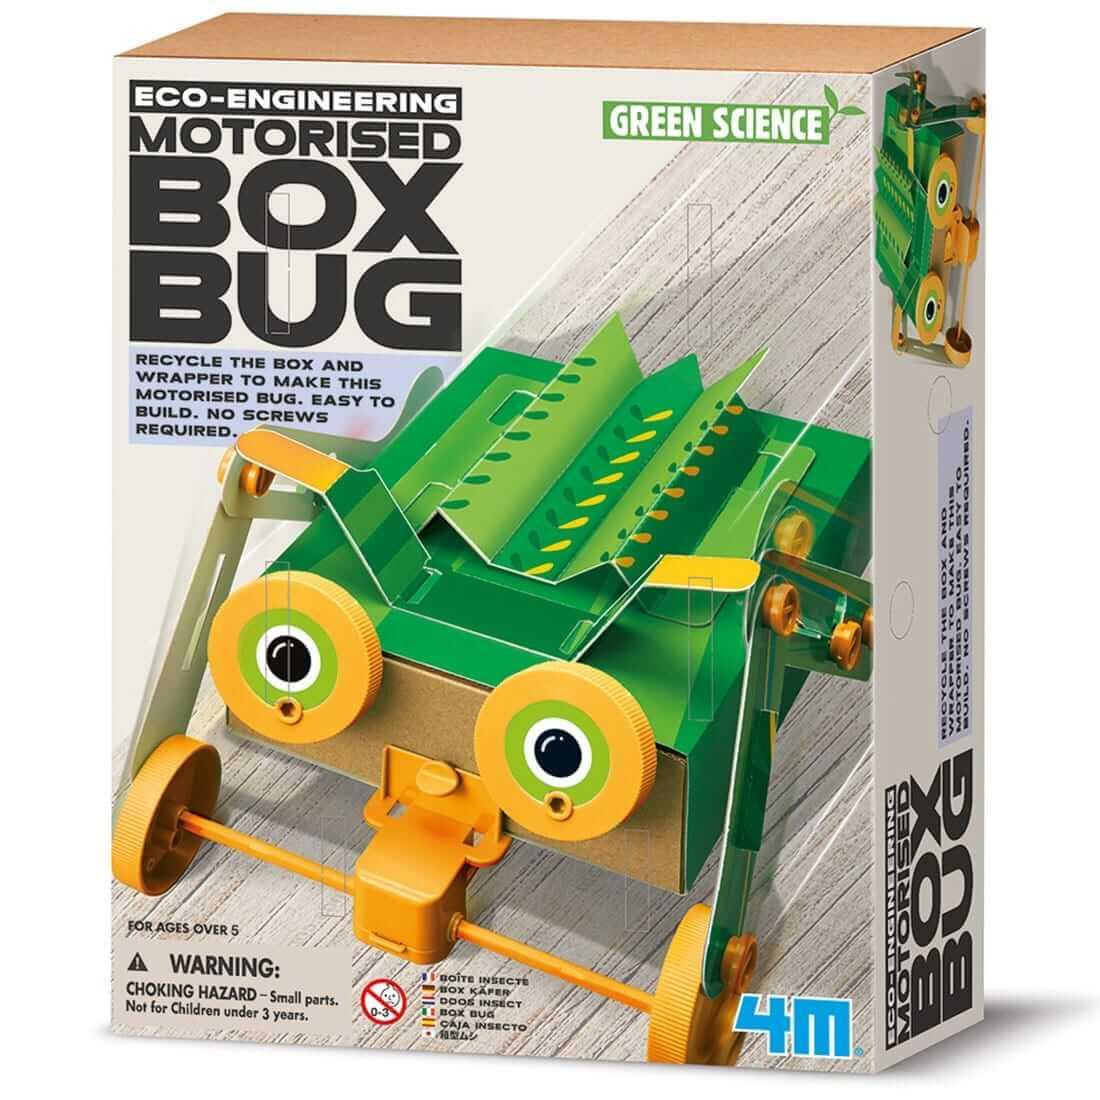 ערכת יצירה לילד – רובוט חרק קופסא קופץ רוקע ונוסע